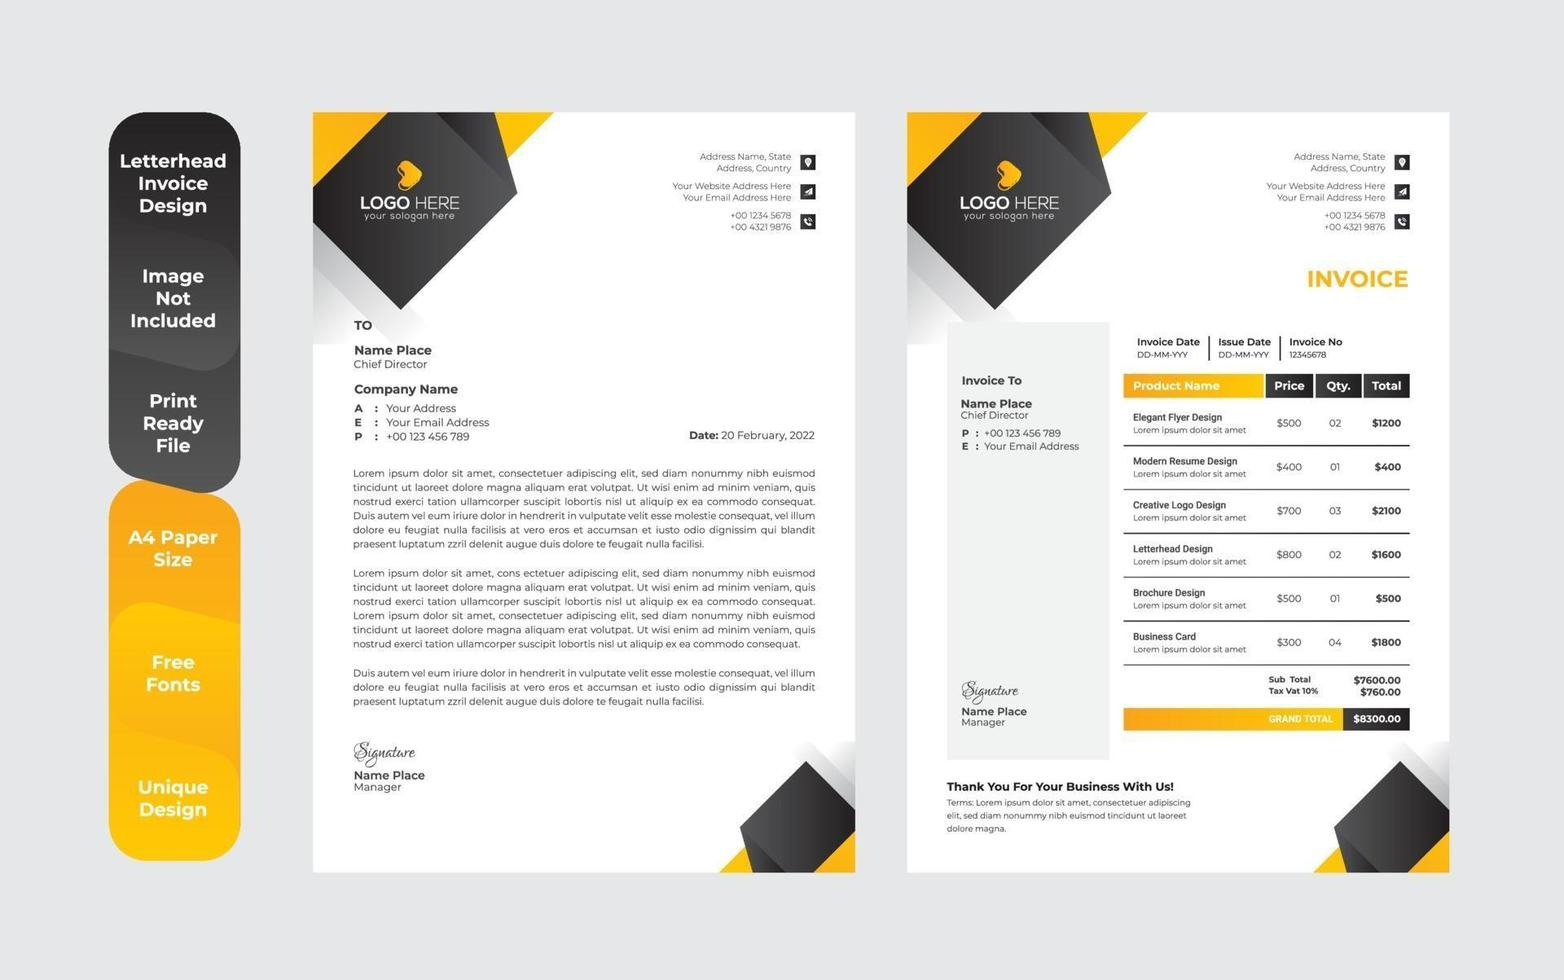 professionelle Briefkopf Vorlage moderne Business Briefkopf Design Vorlage vektor